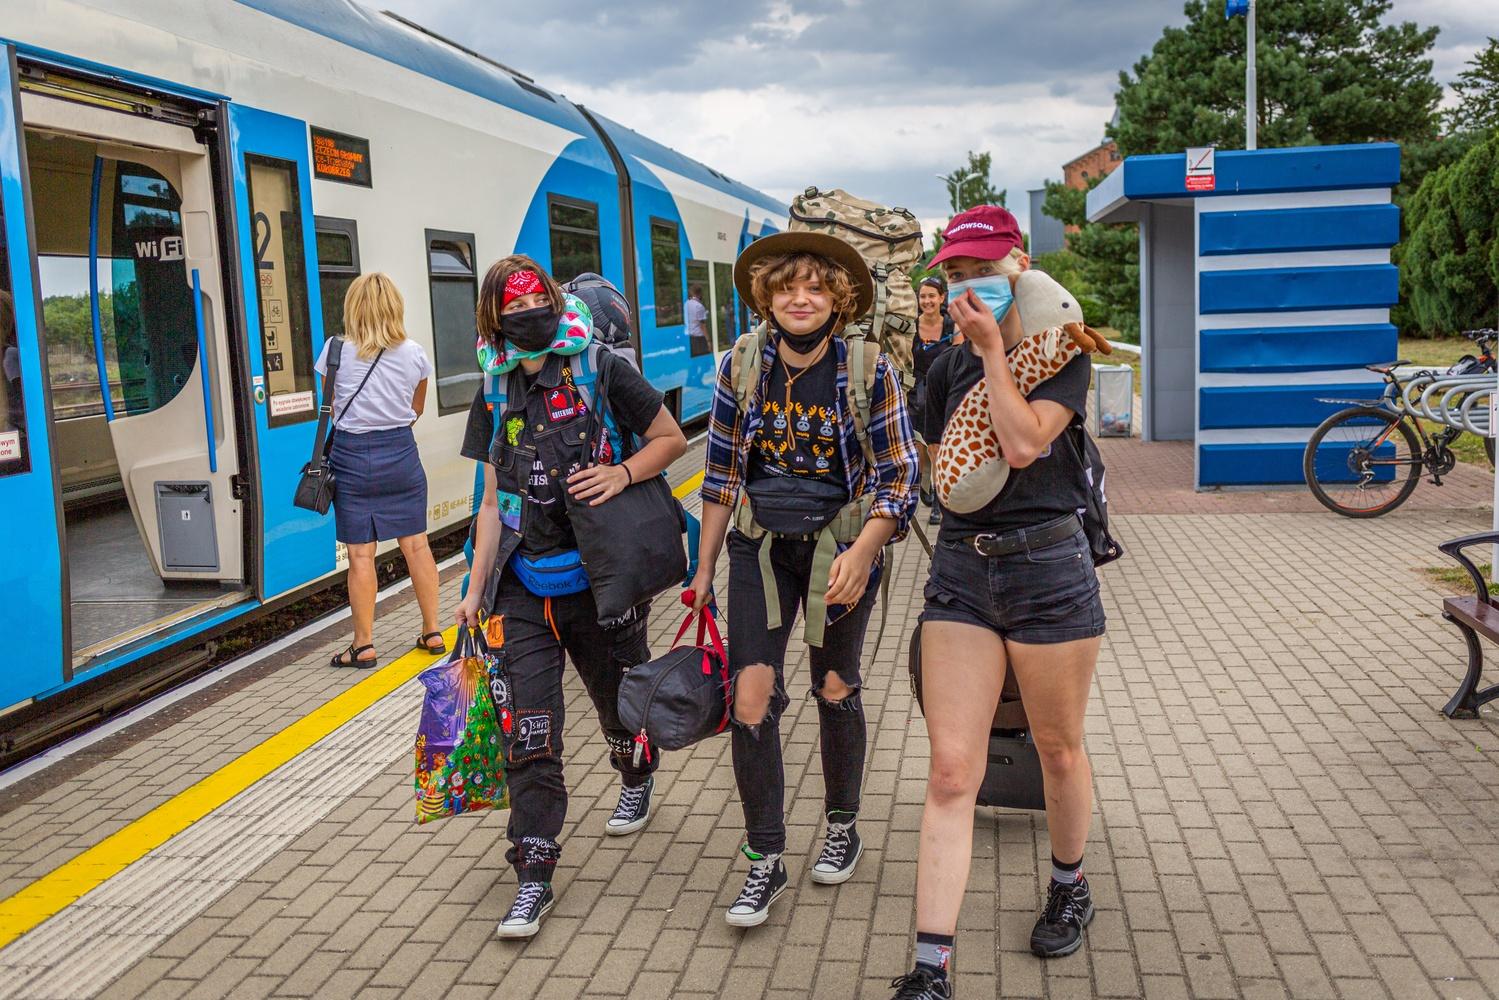 Uczestnicy Pol'and'Rock Festival na dworcu kolejowym, fot. Michał Kwaśniewski